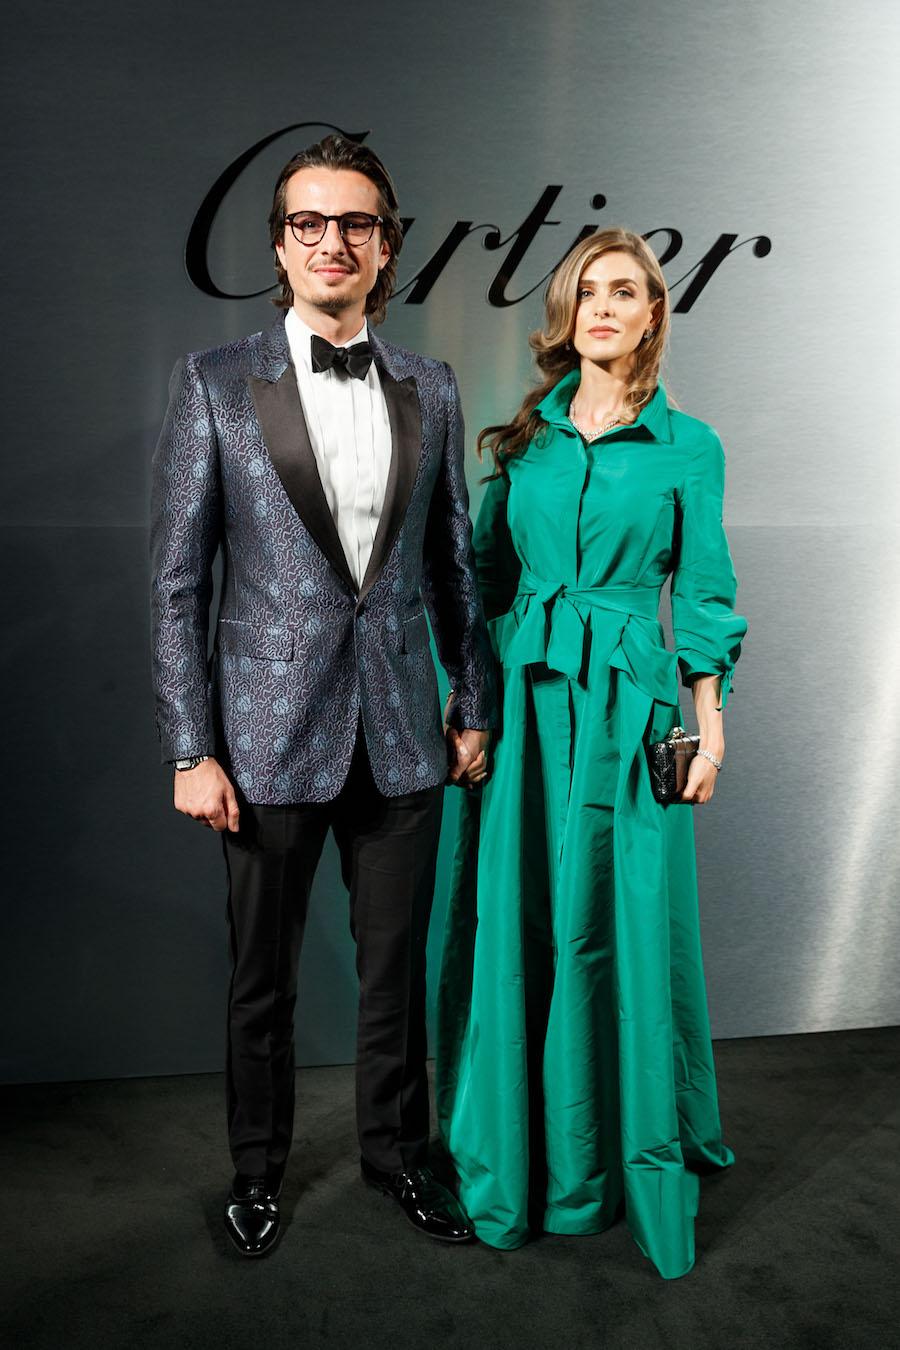 Ali Mostafa and Maha Mostafa